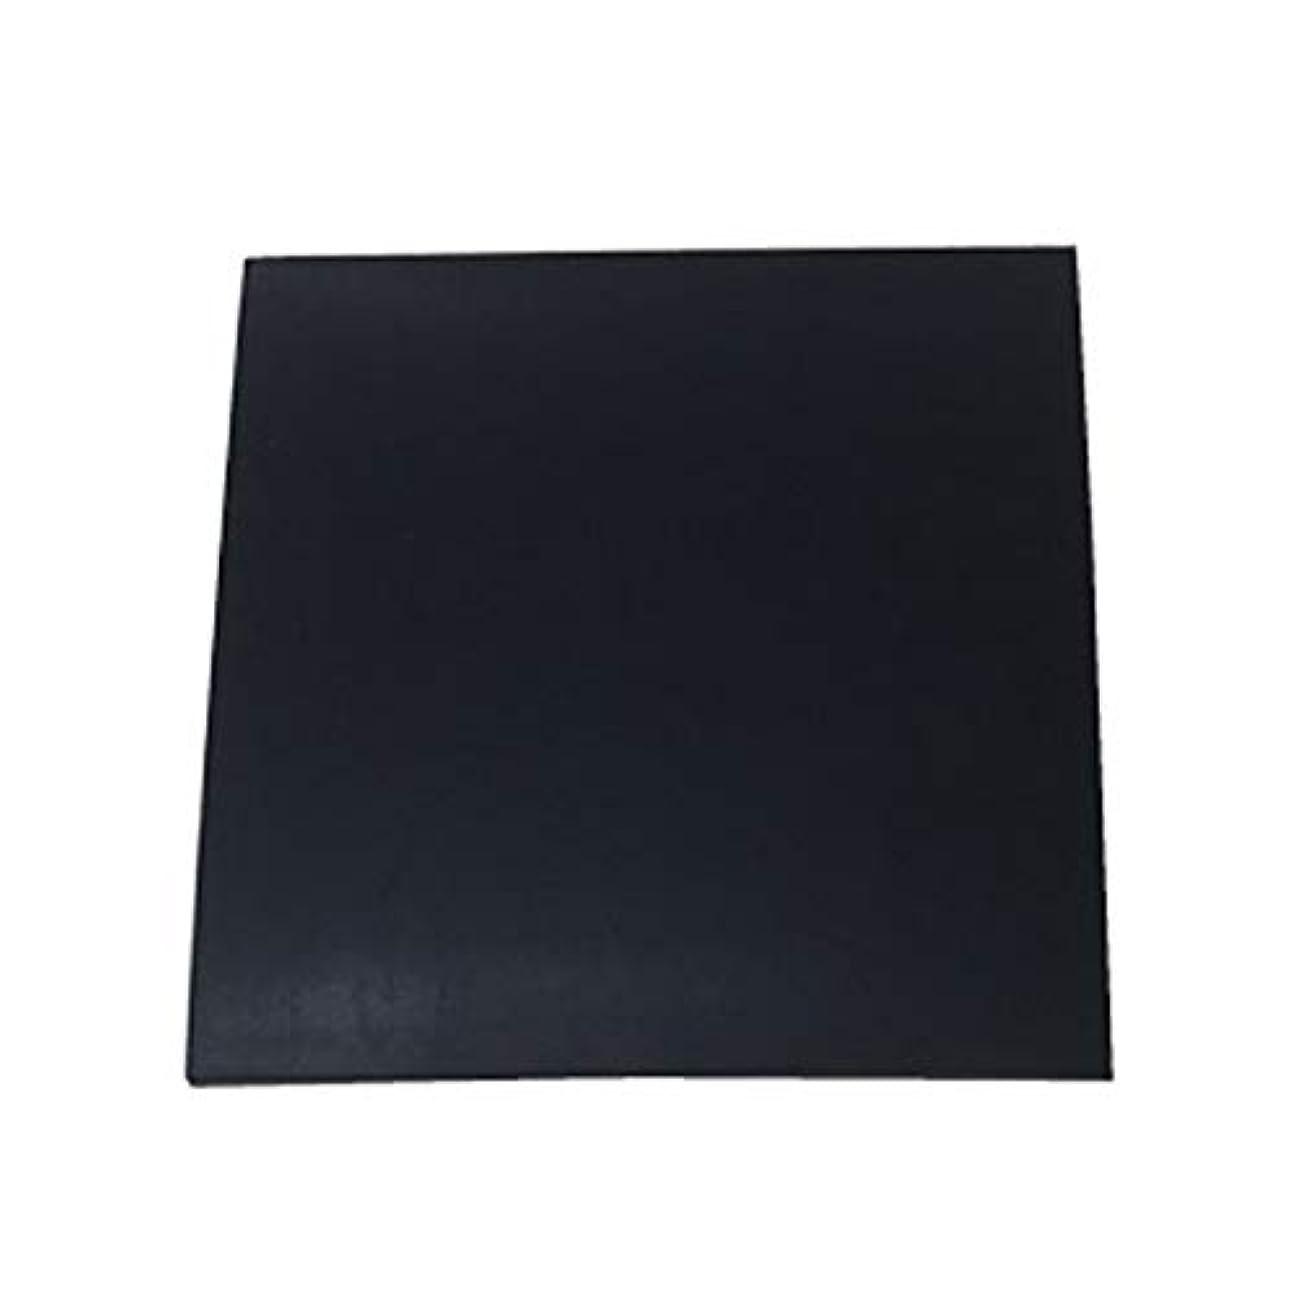 ナイロンキャンドル完璧フッ素ゴムシート 4T×1m×1m IF-900